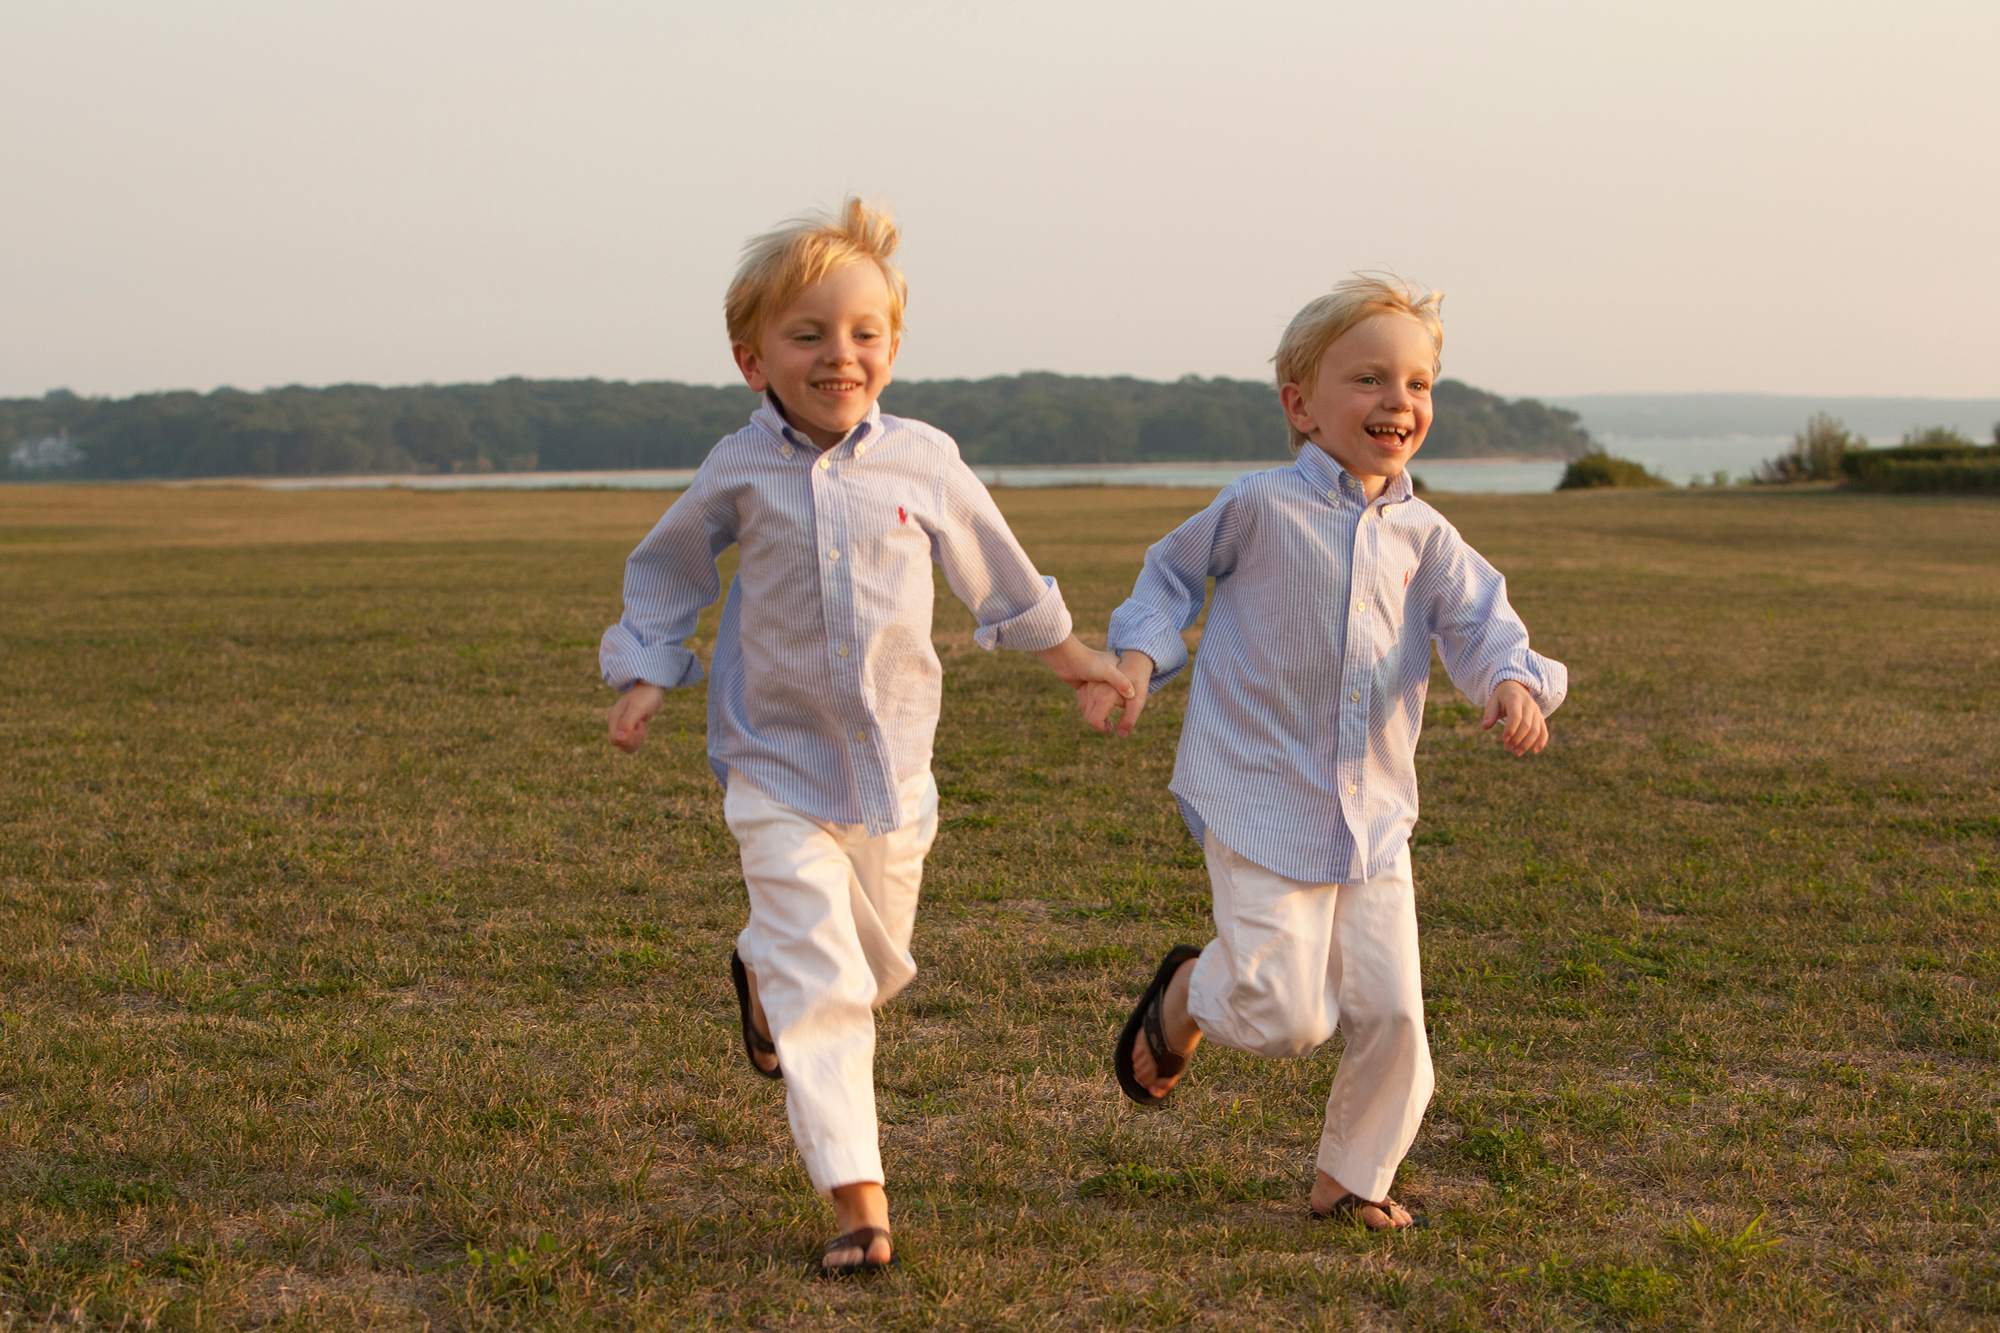 lucille-khornak-children-together34.jpg